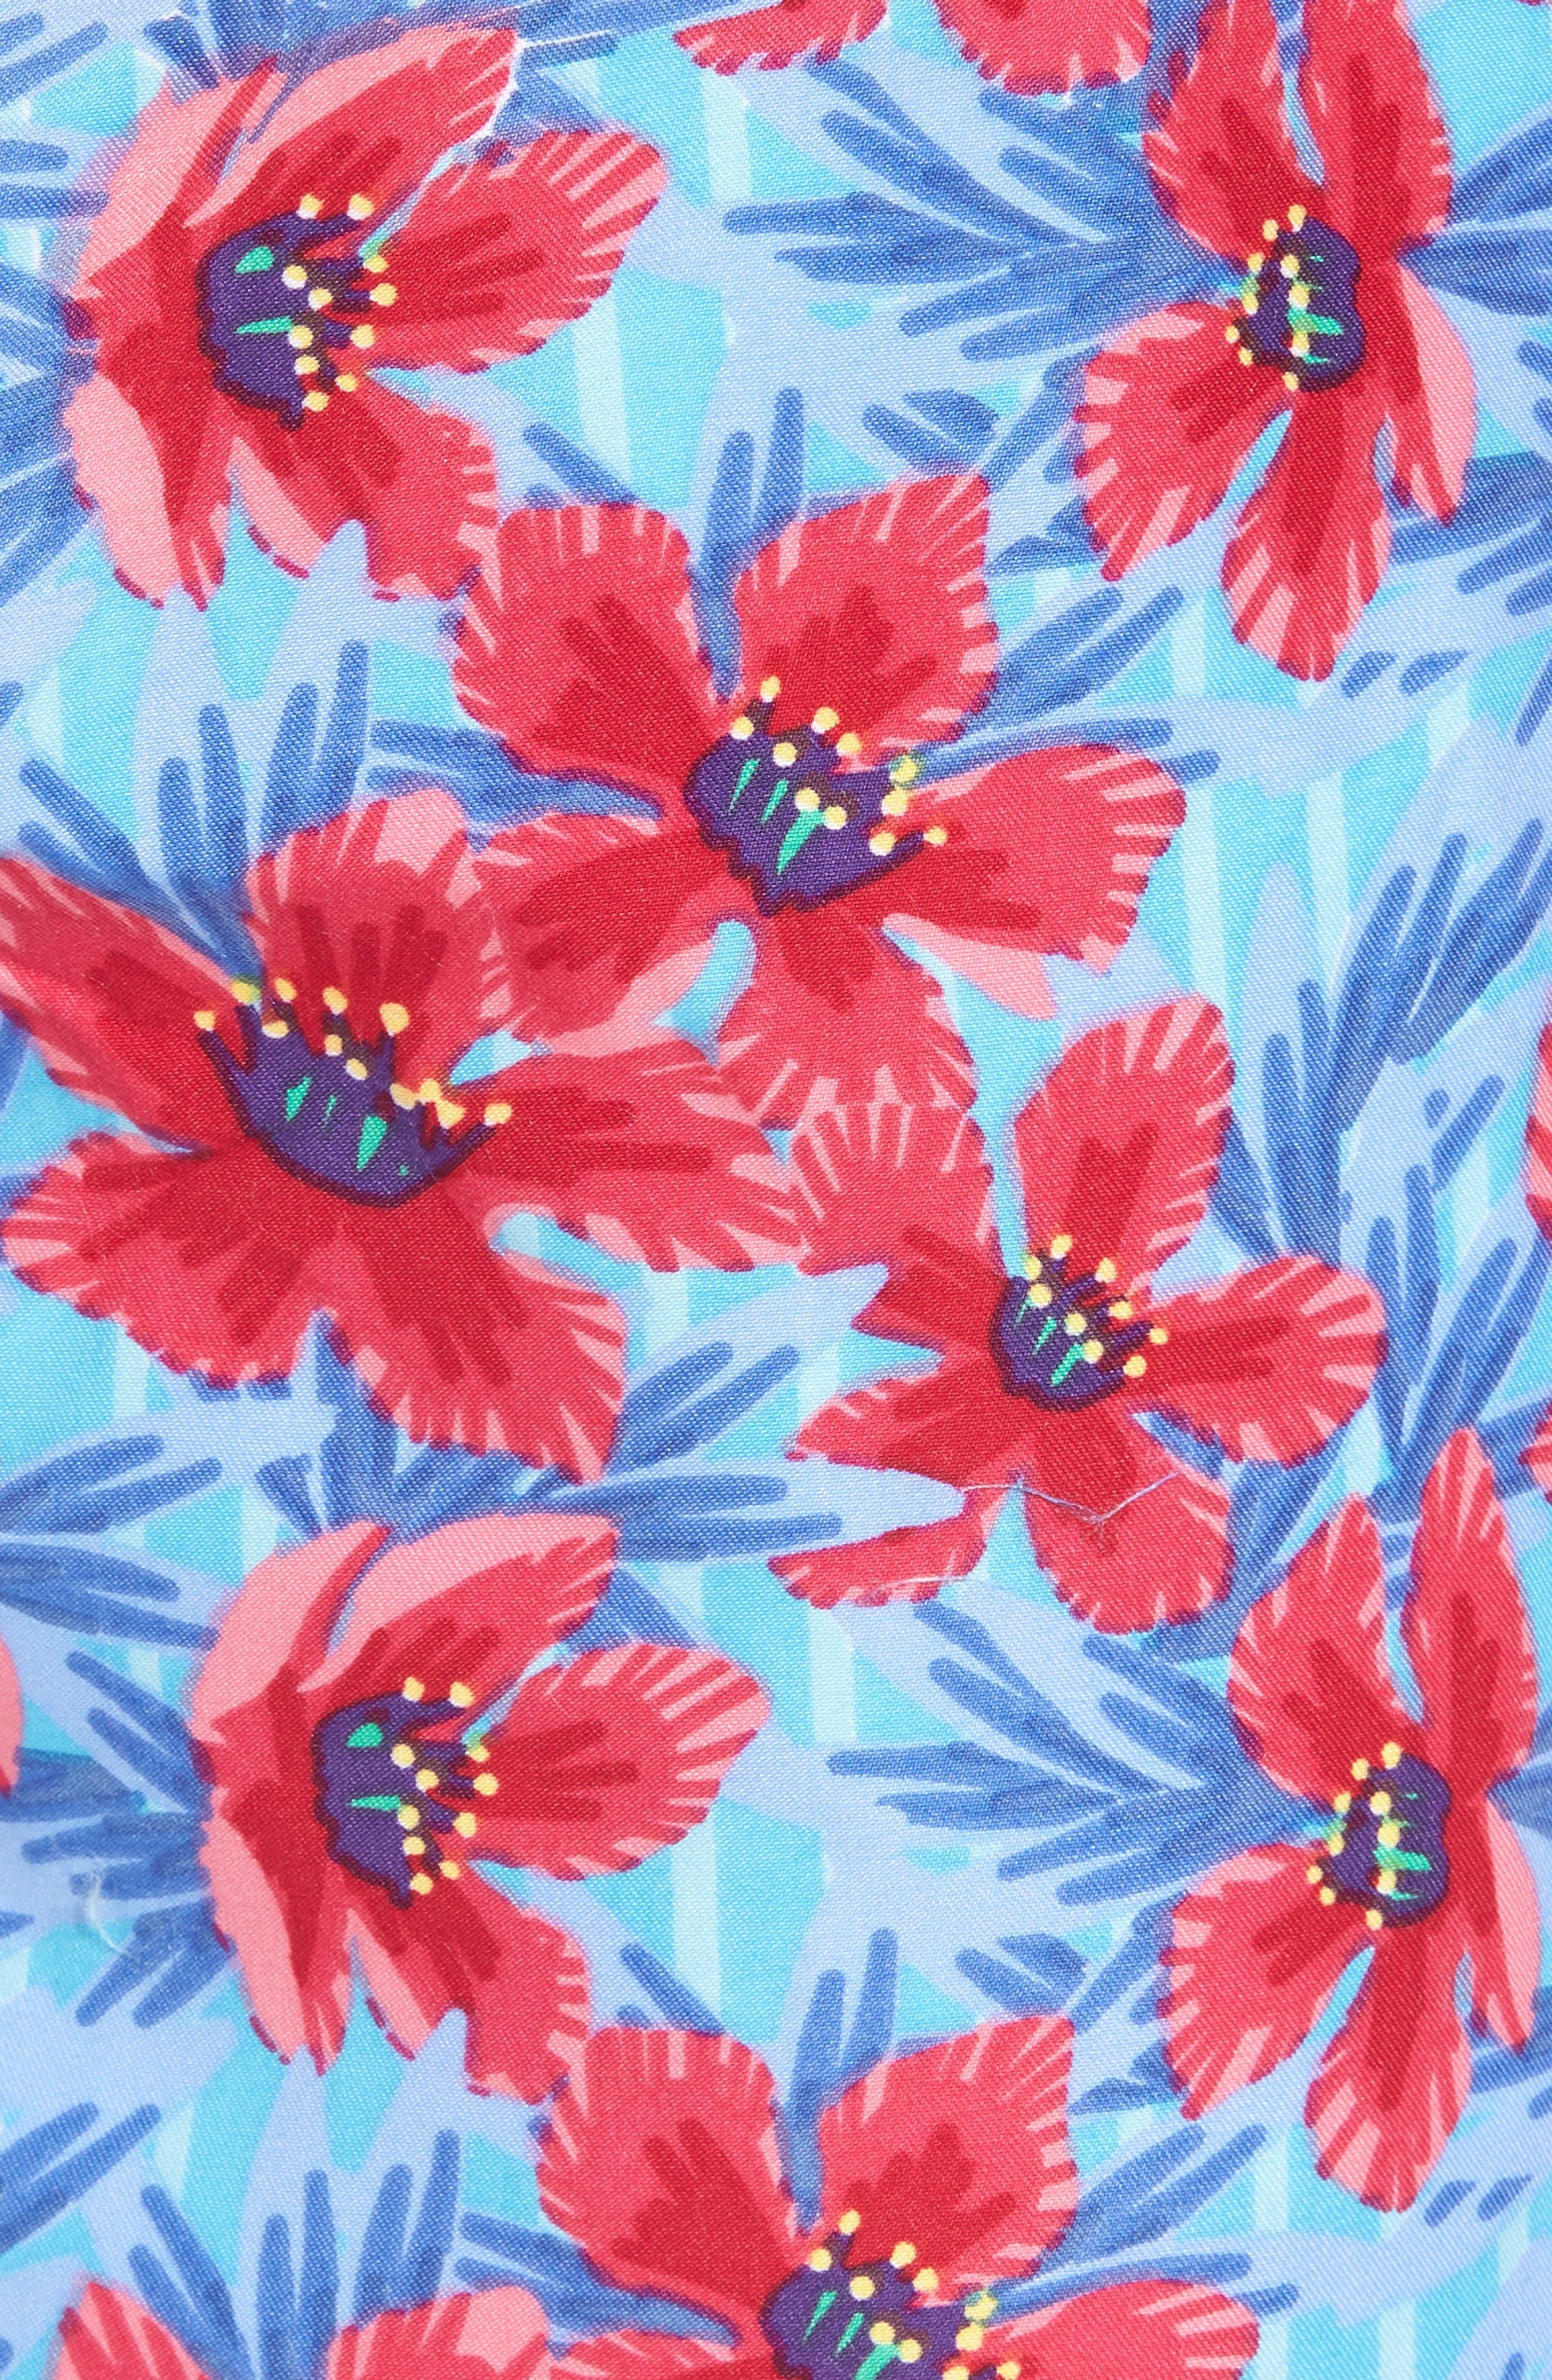 Spanish Flowers Swim Trunks,                             Alternate thumbnail 5, color,                             464